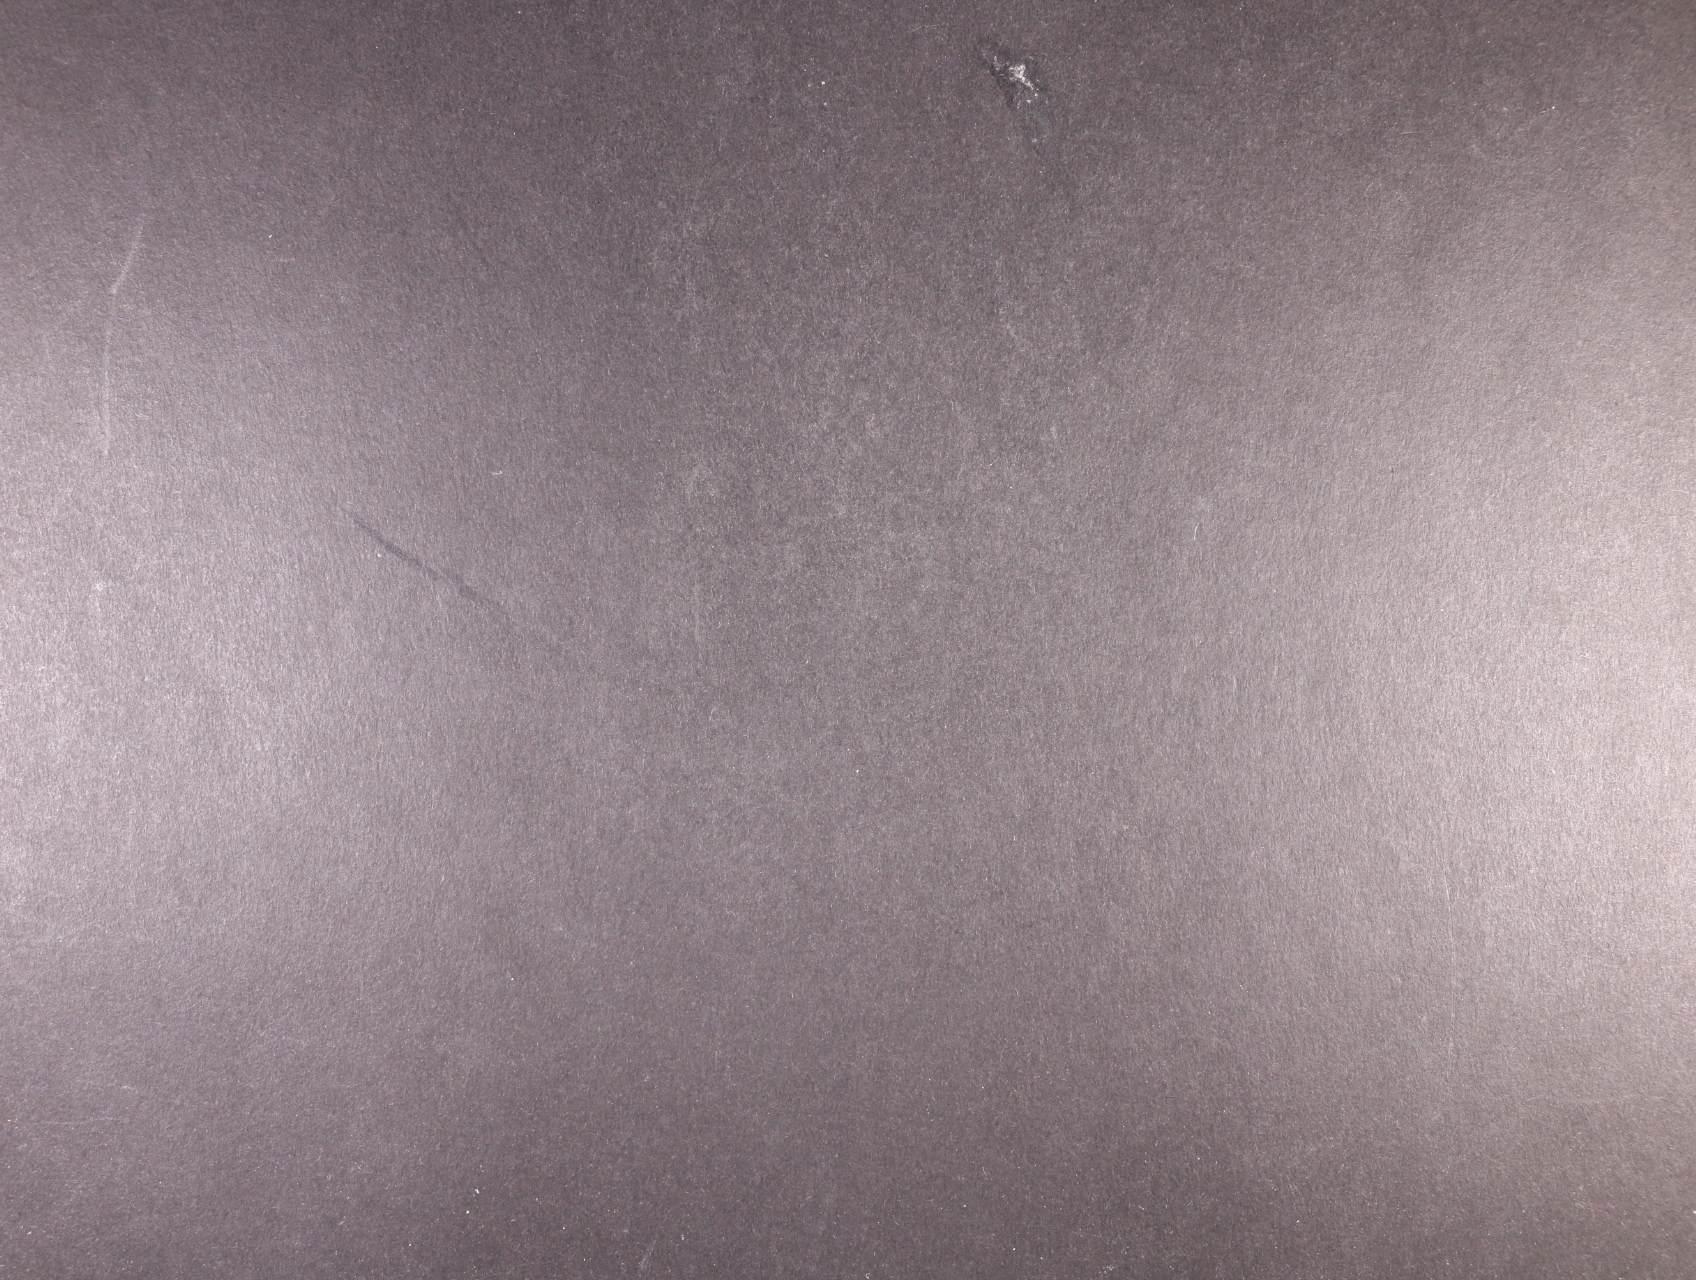 Česká republika - silně specializovaná sbírka svěžích zn. z let 1993 - 2012 vč. aršíků, PL, kuponů, soutisků, DV, dat tisků, spoj. typů, různé pásky, čtyřbloky a vícebloky, zn. automatové vč. DV, vše na listech v 6ti kroužkových šanonech, vysoká kat. cena, nominále min. 69000 Kč